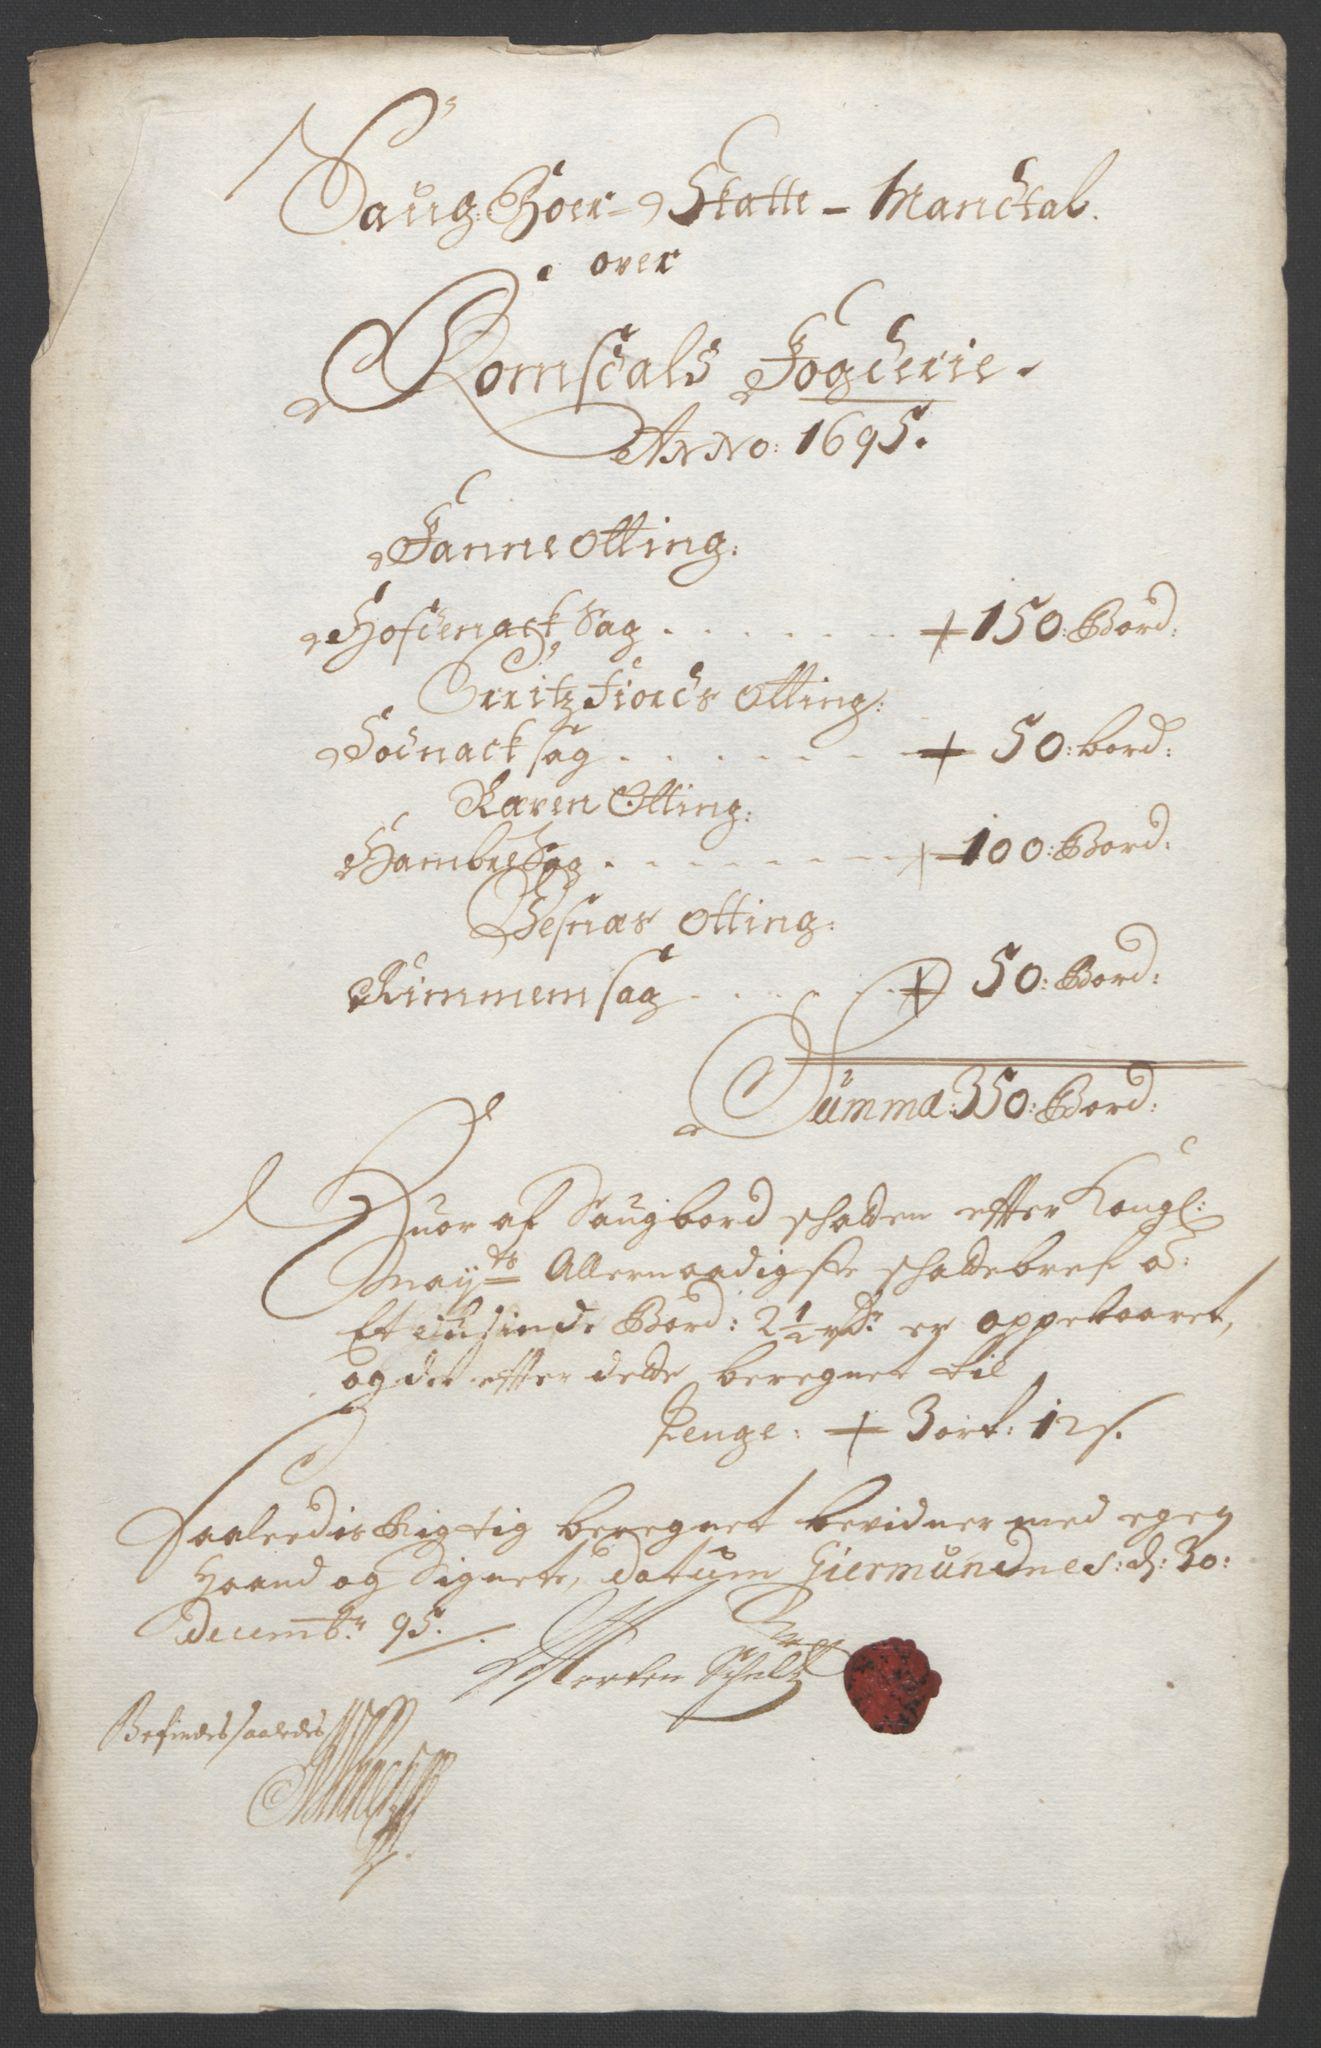 RA, Rentekammeret inntil 1814, Reviderte regnskaper, Fogderegnskap, R55/L3652: Fogderegnskap Romsdal, 1695-1696, s. 71